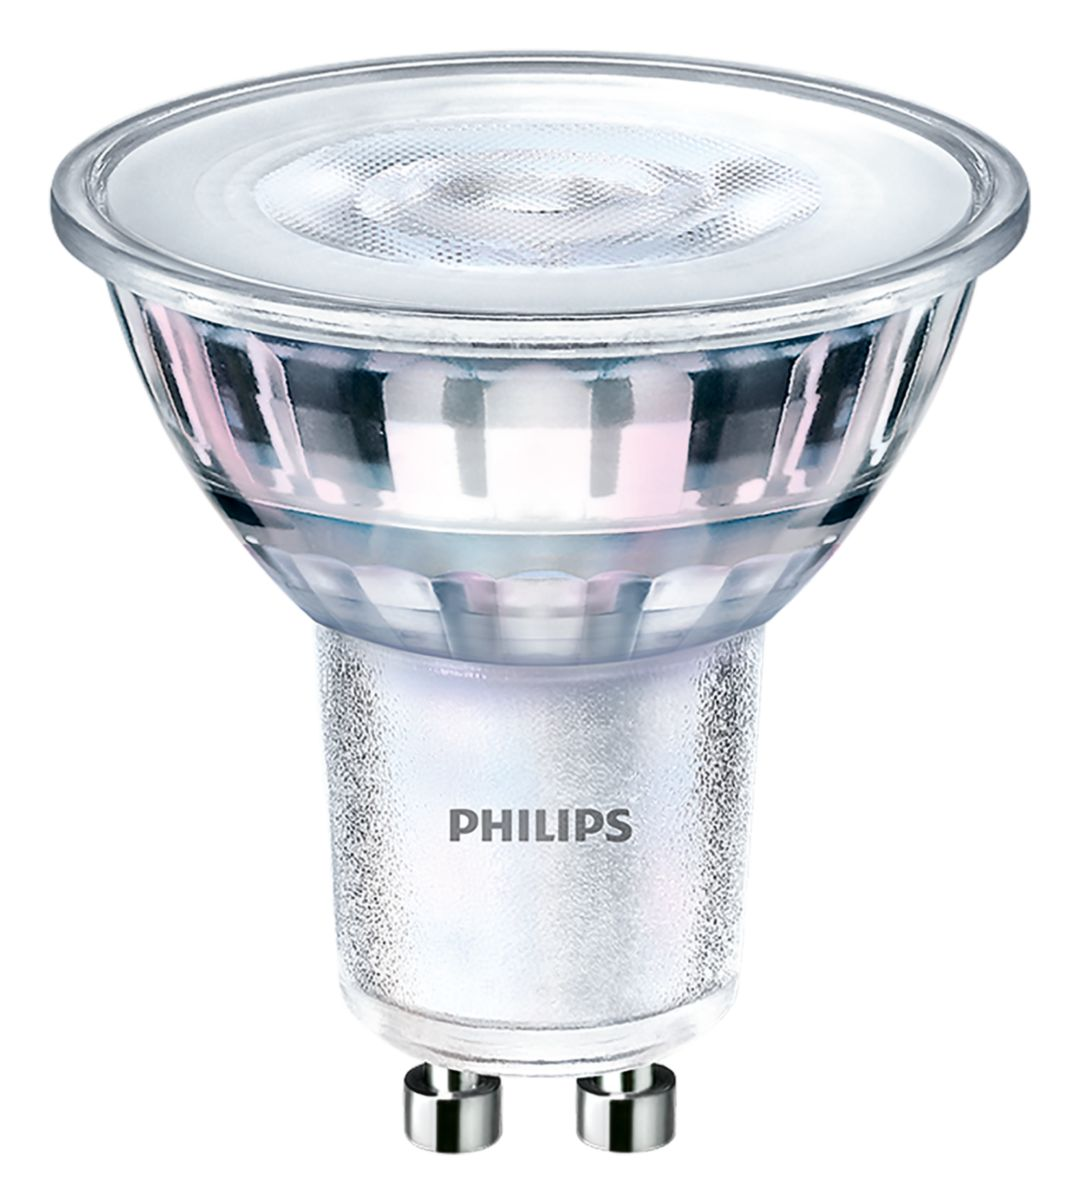 5c002fbd84f MR16/GU10/PAR16 LED spots - Philips